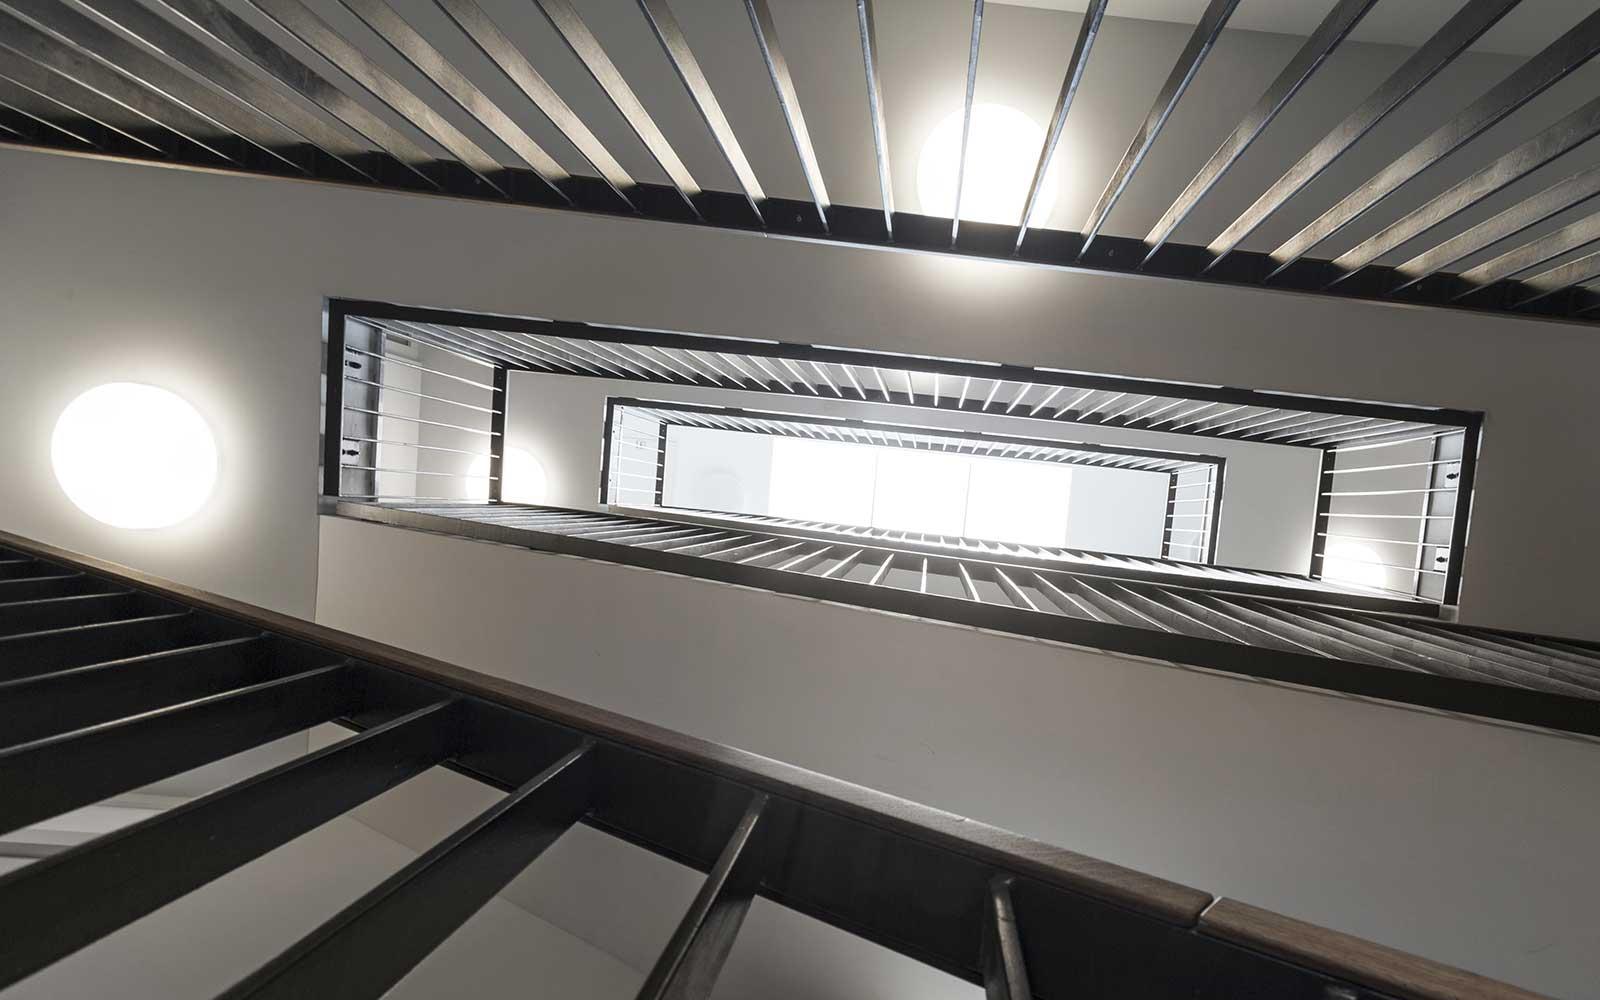 Eigentumswohnungen in Heidelberg Handschuhsheim, Kochhan und Weckbach Architekten Heidelberg